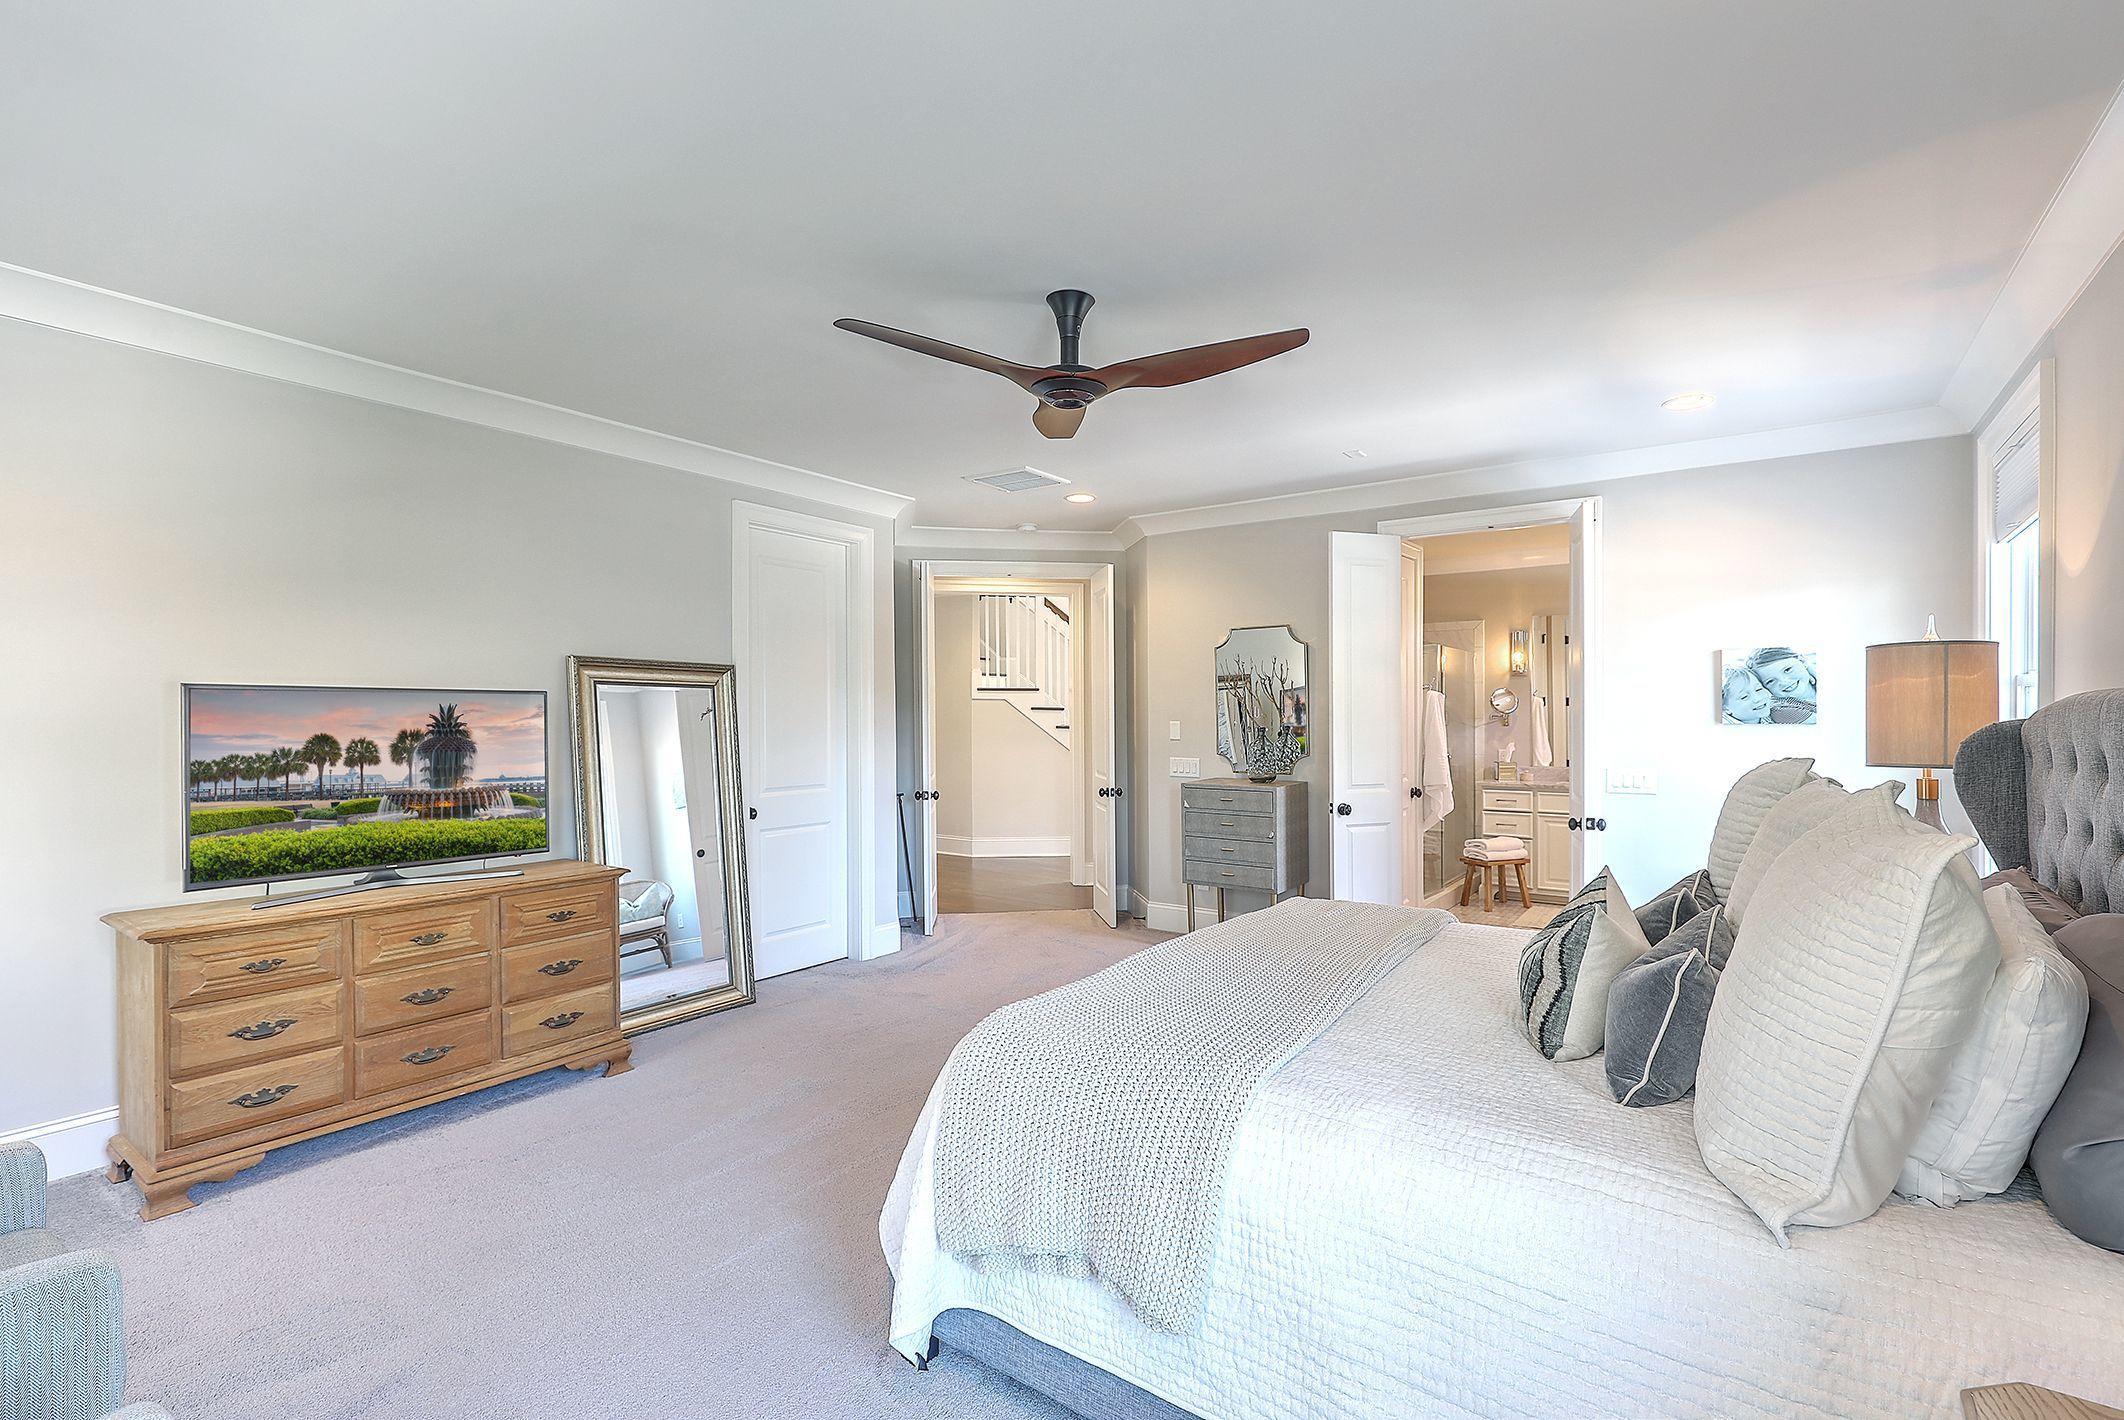 Park West Homes For Sale - 1587 Capel, Mount Pleasant, SC - 46